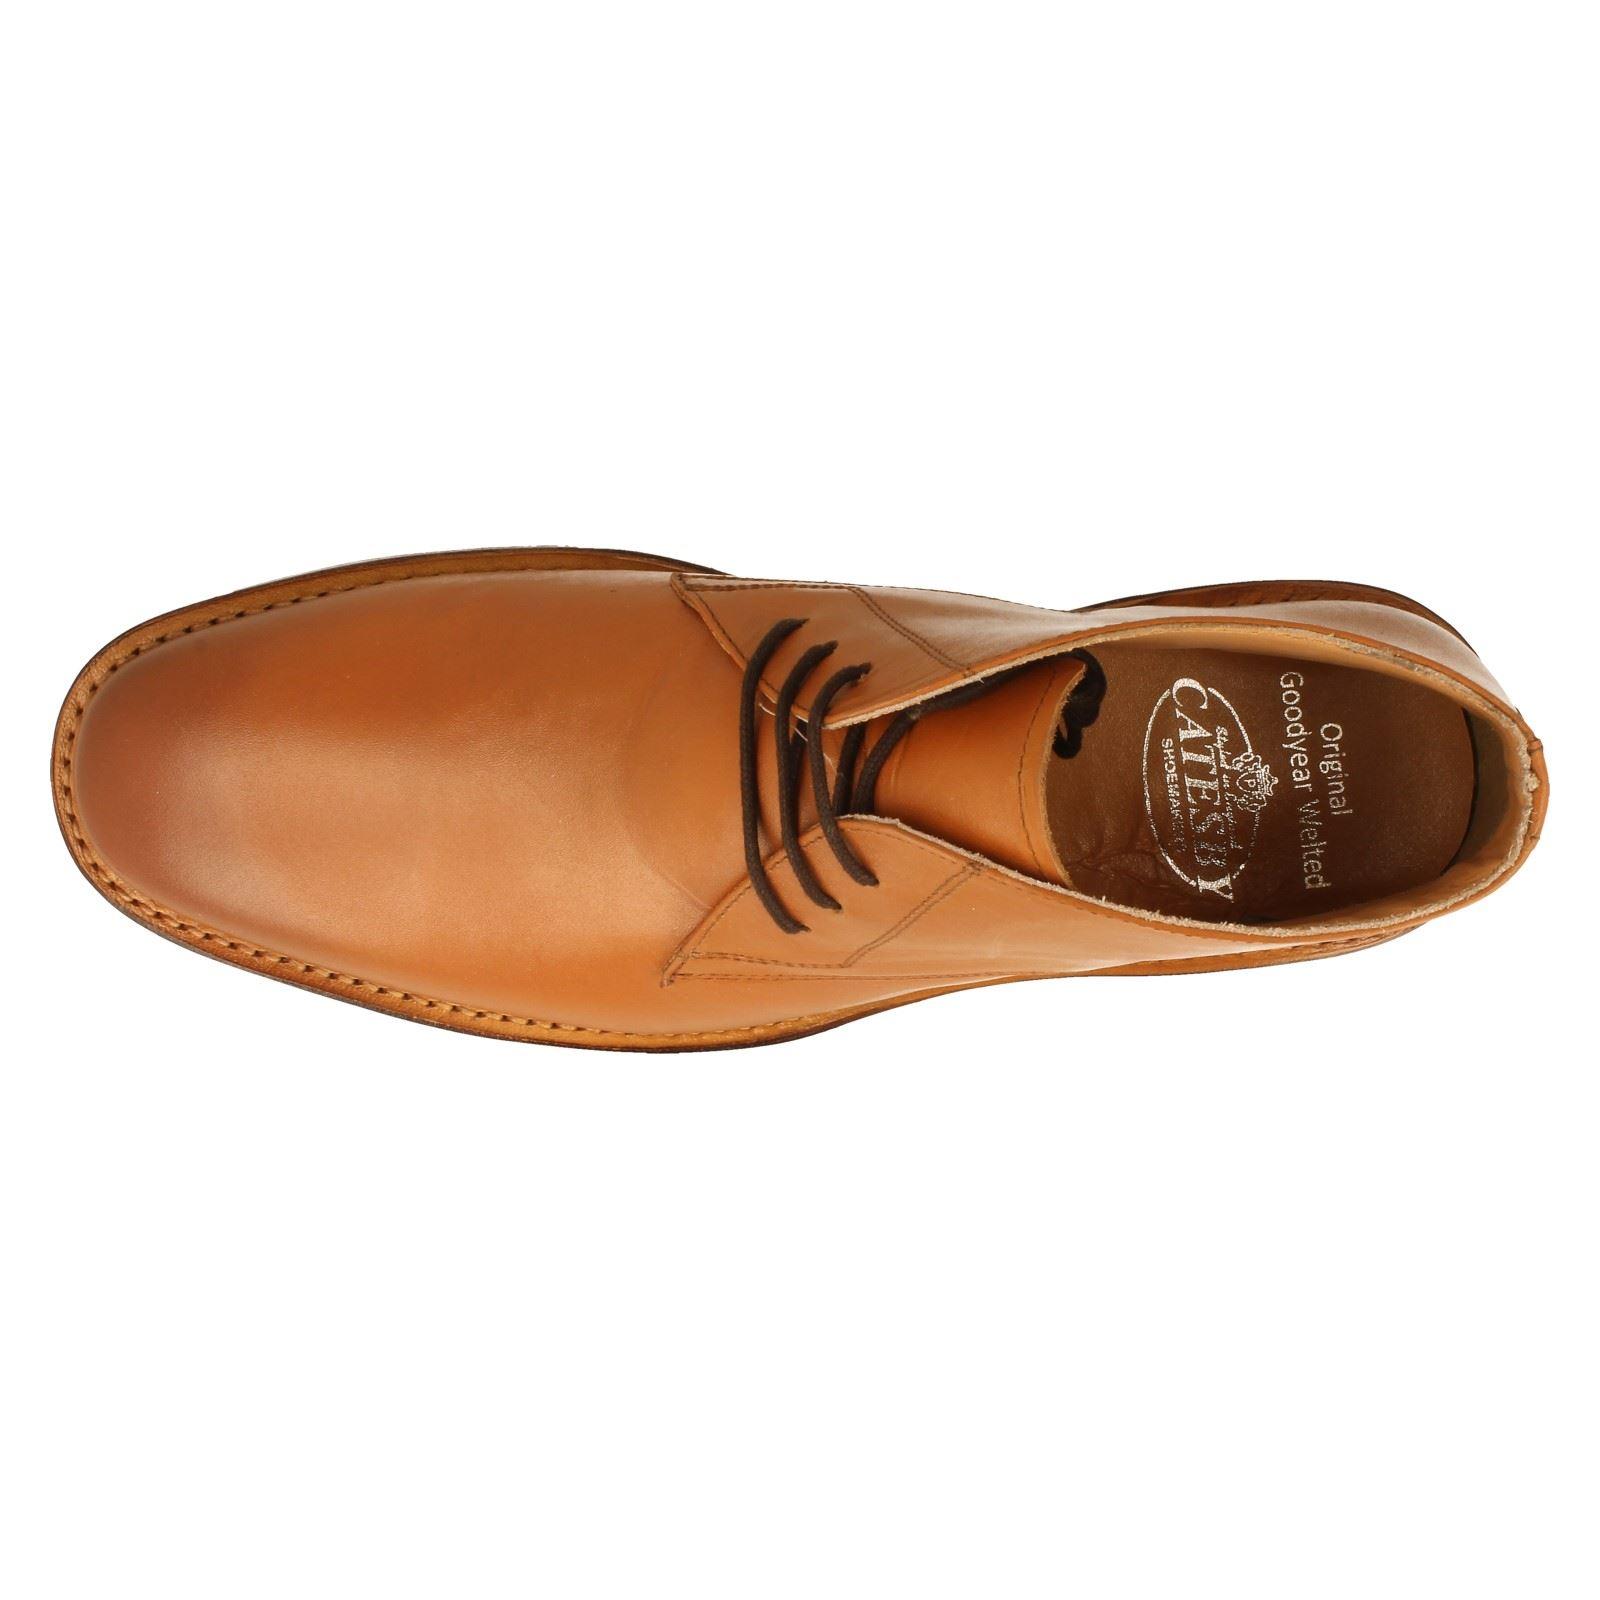 Herren The Catesby Stiefelette zum Schnüren The Herren Style mcw159  N 288f70